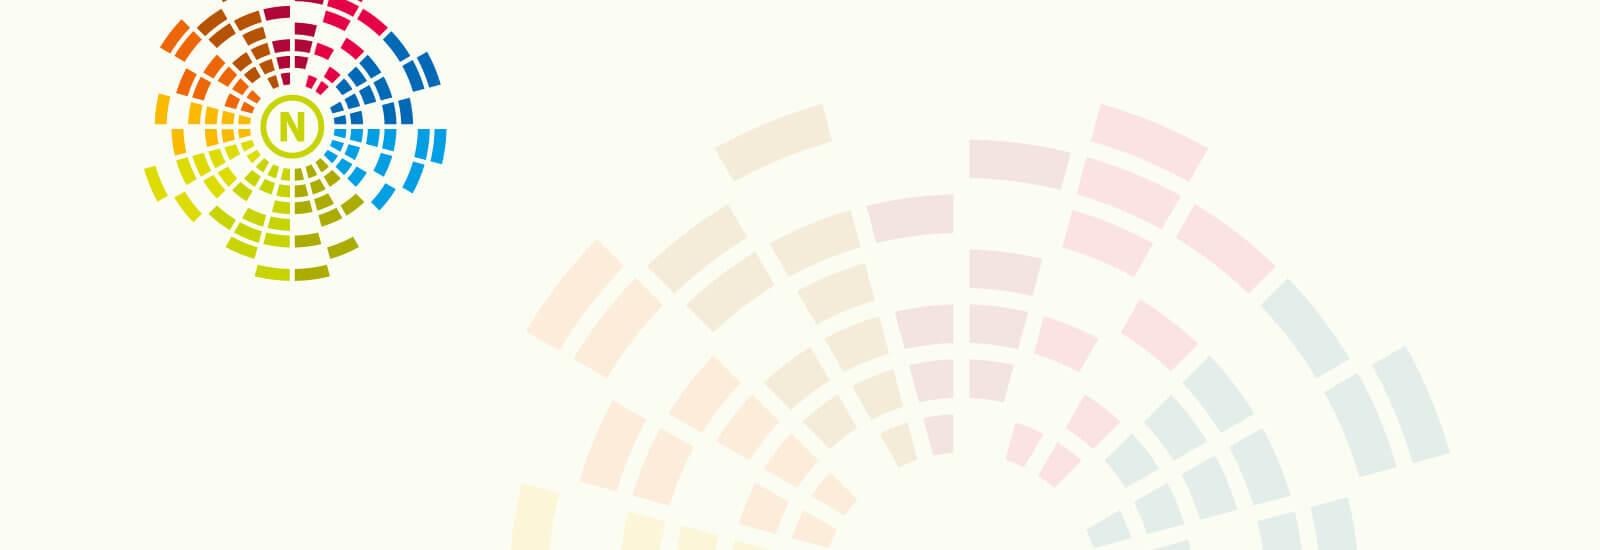 210412_RNE_Jahreskonferenz_2021_Webslider_1600x1066px